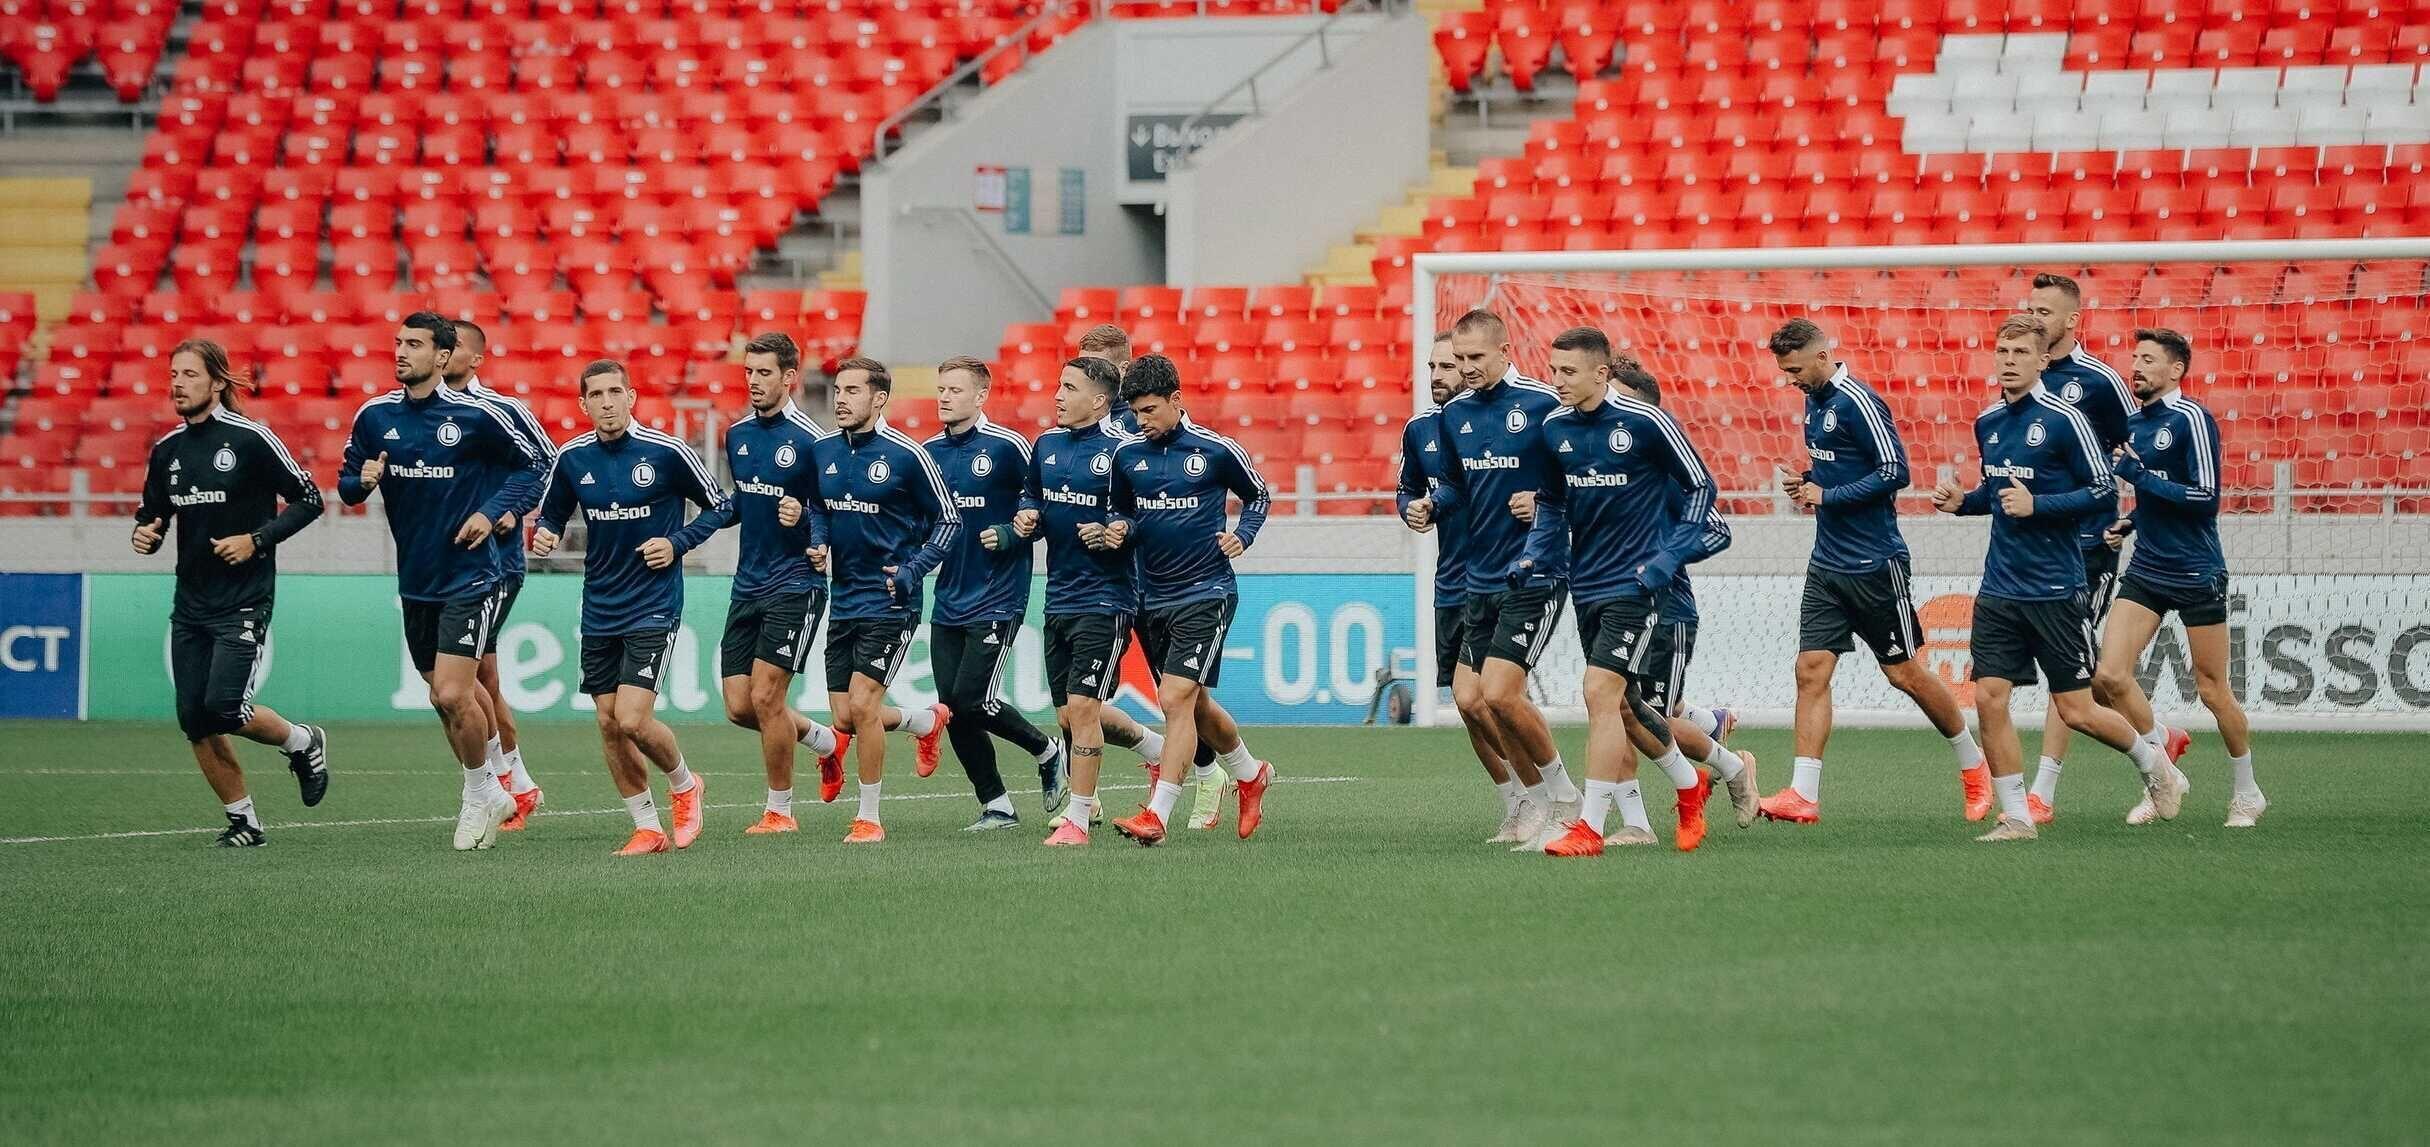 Final Countdown! Oficjalny trening przed meczem ze Spartakiem